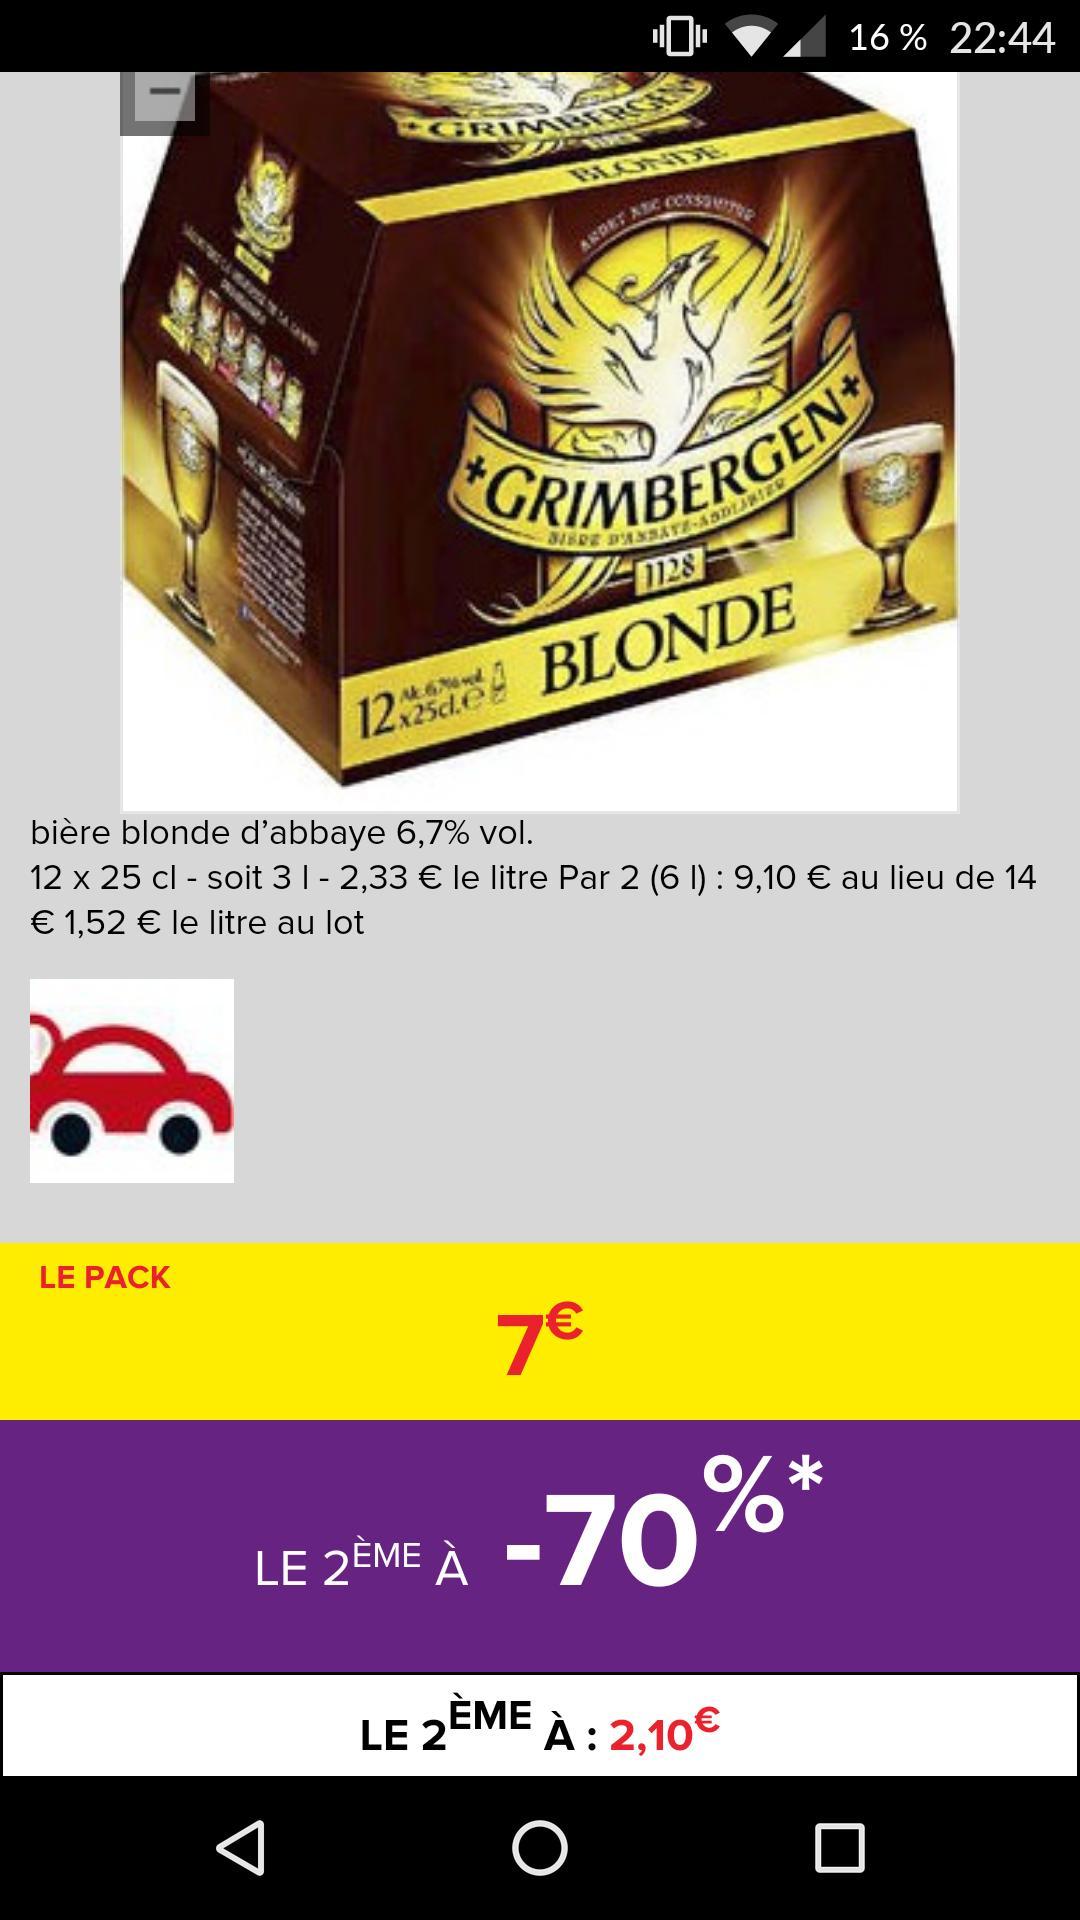 2 packs de 12 bières Grimbergen à 6,90€ (via BDR)